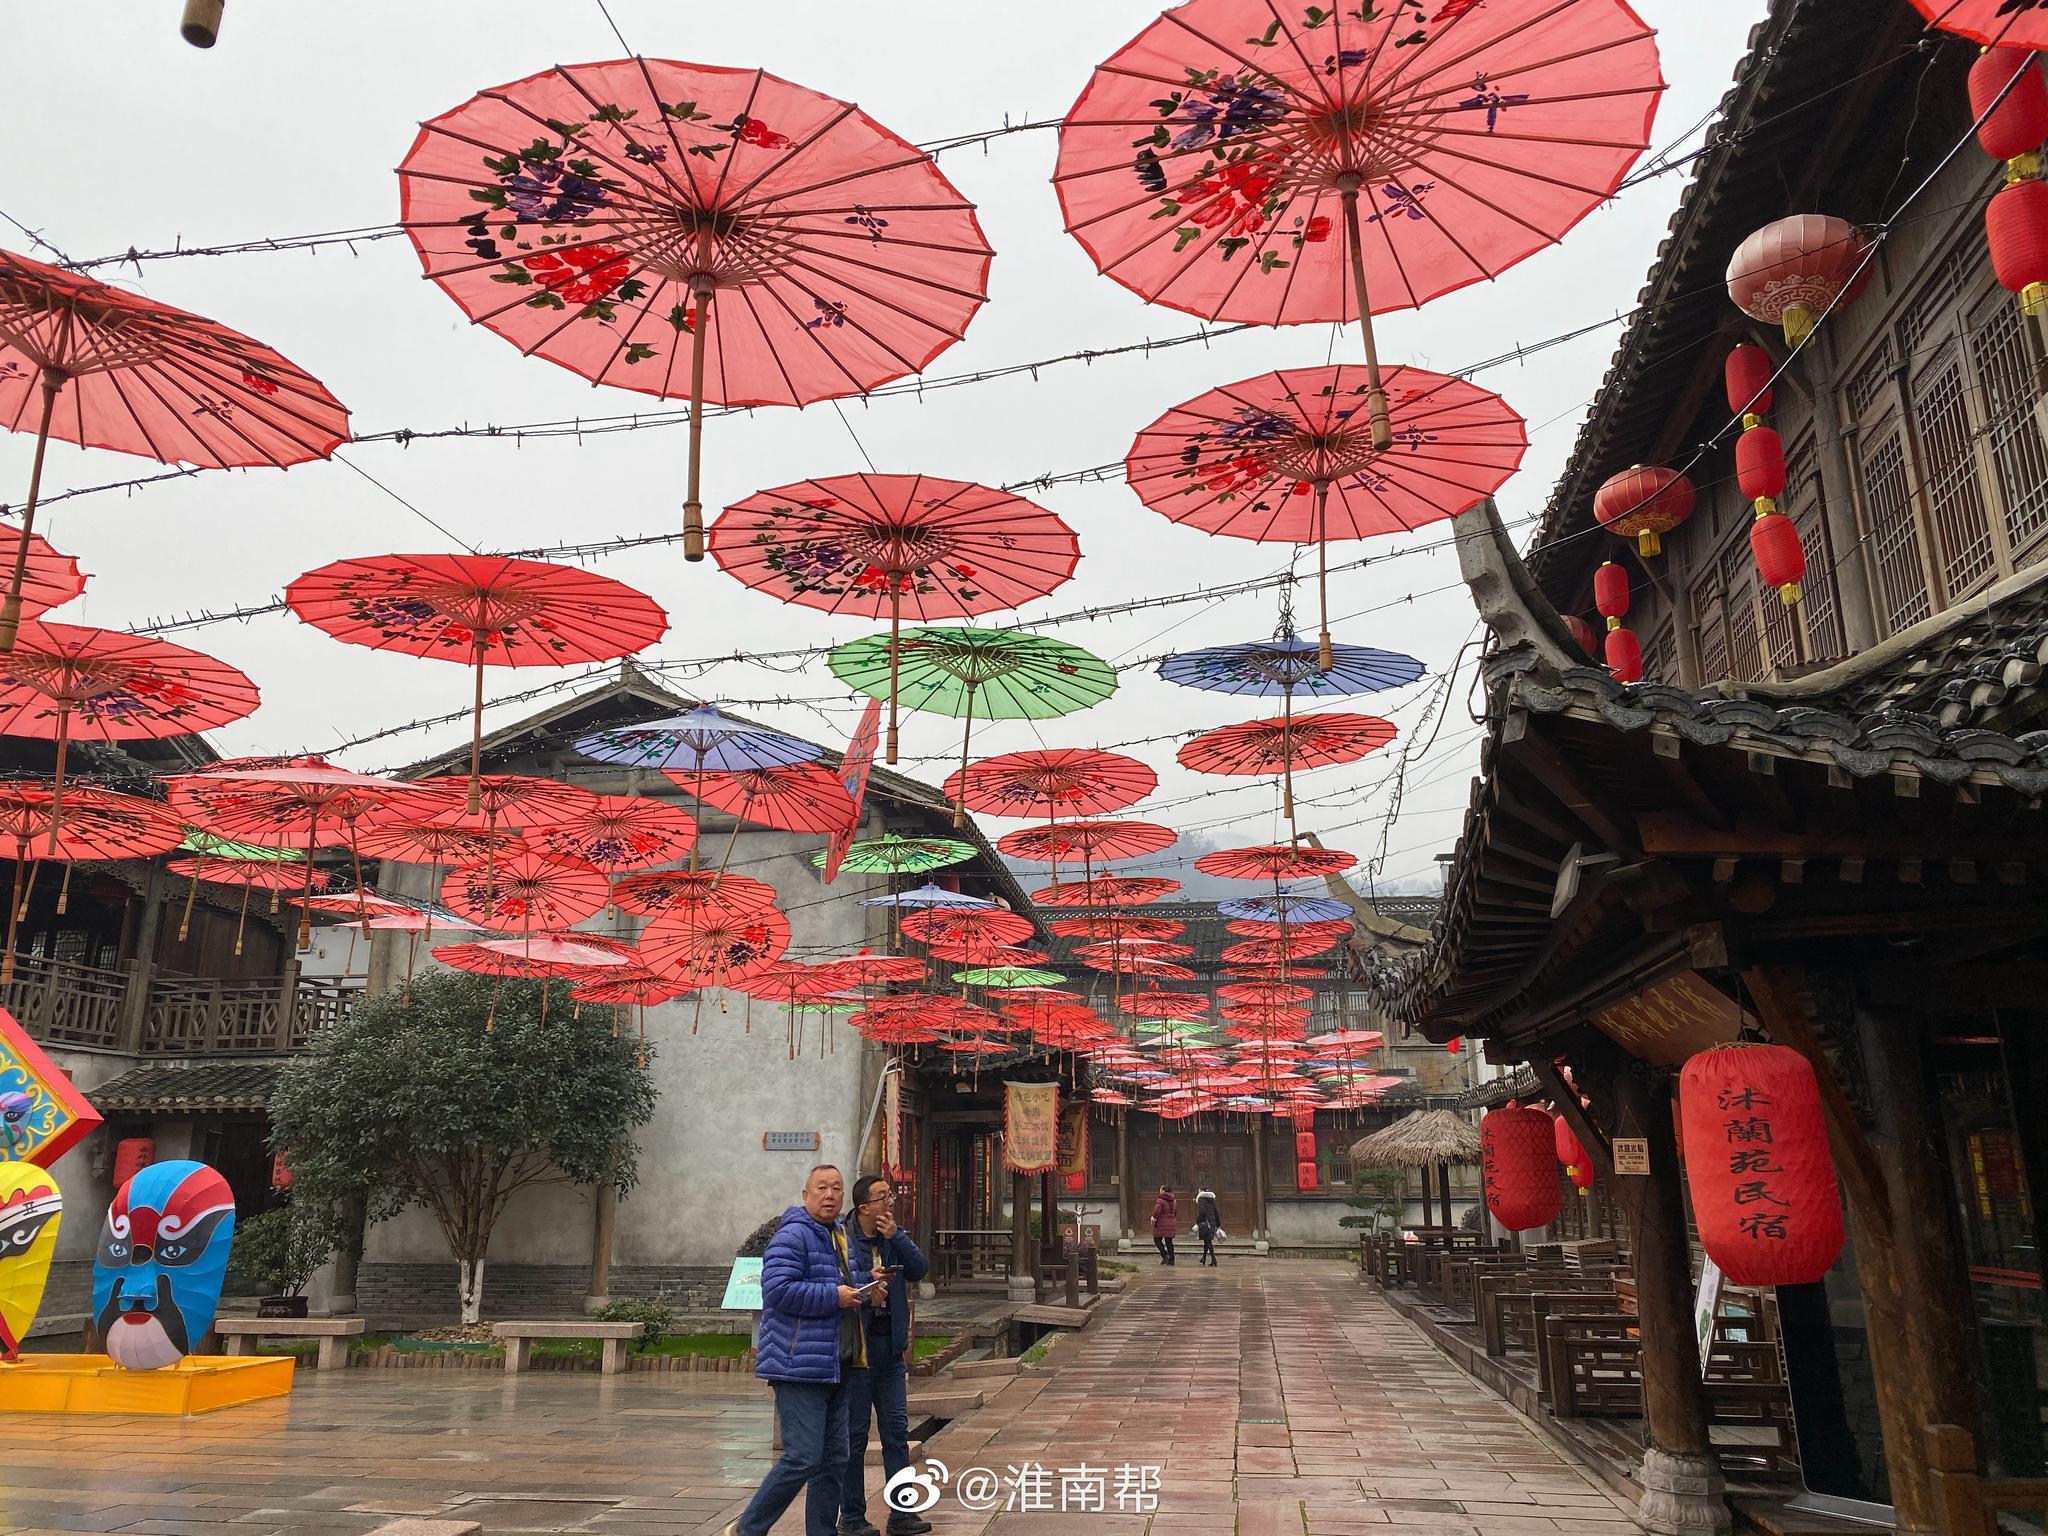 宝华山国家森林公园千华古村。清乾隆皇帝六下江南、六上宝华山